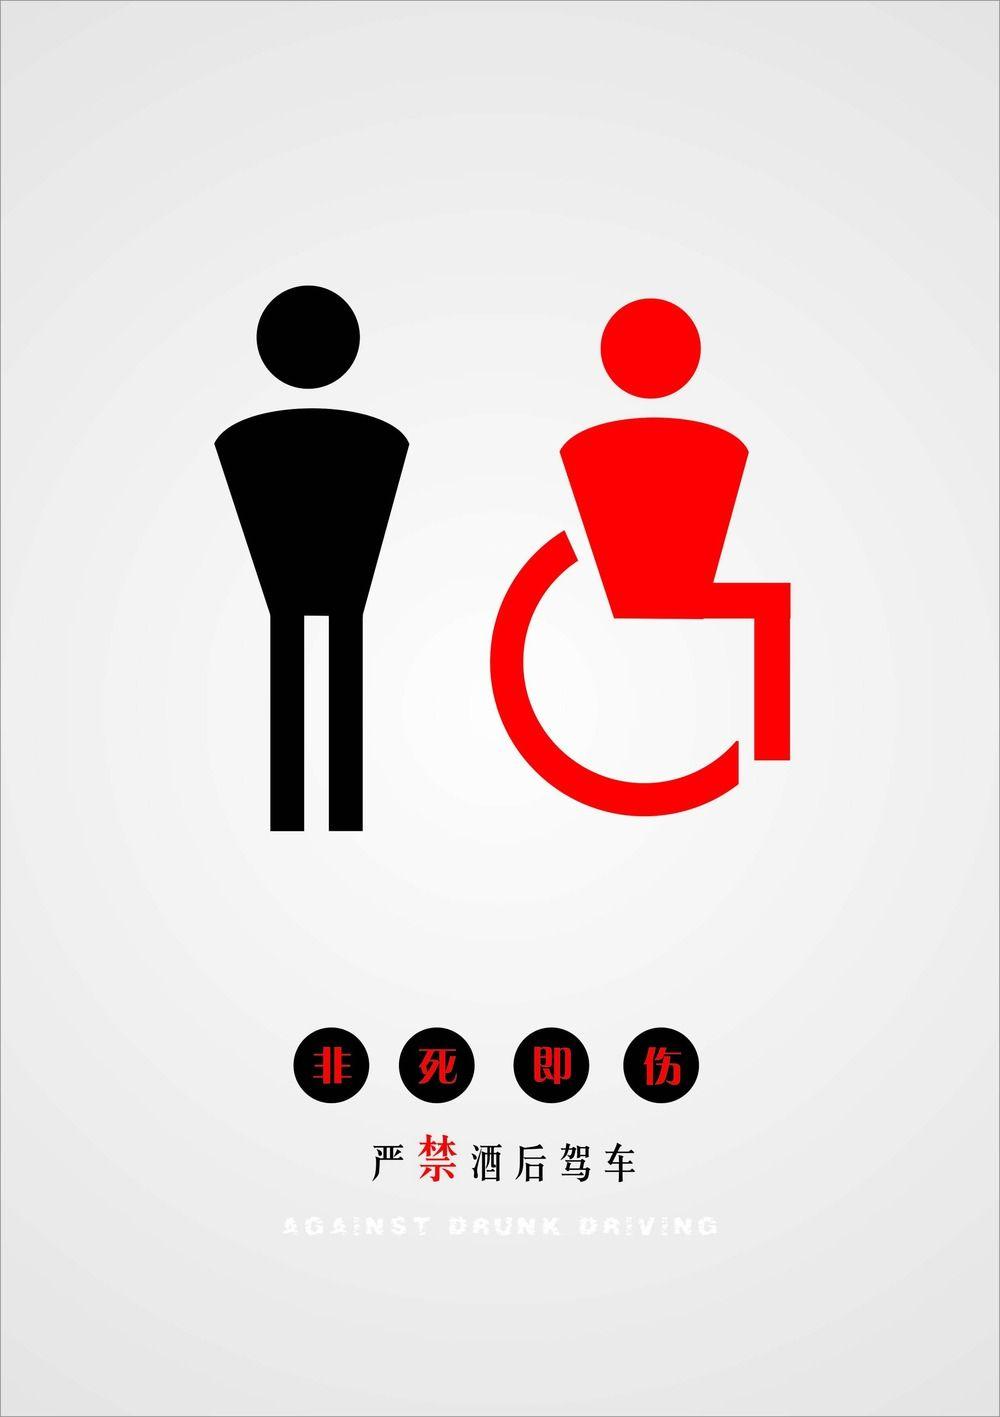 禁止酒后驾车公益招贴_海报_平面_原创设计 专业设计